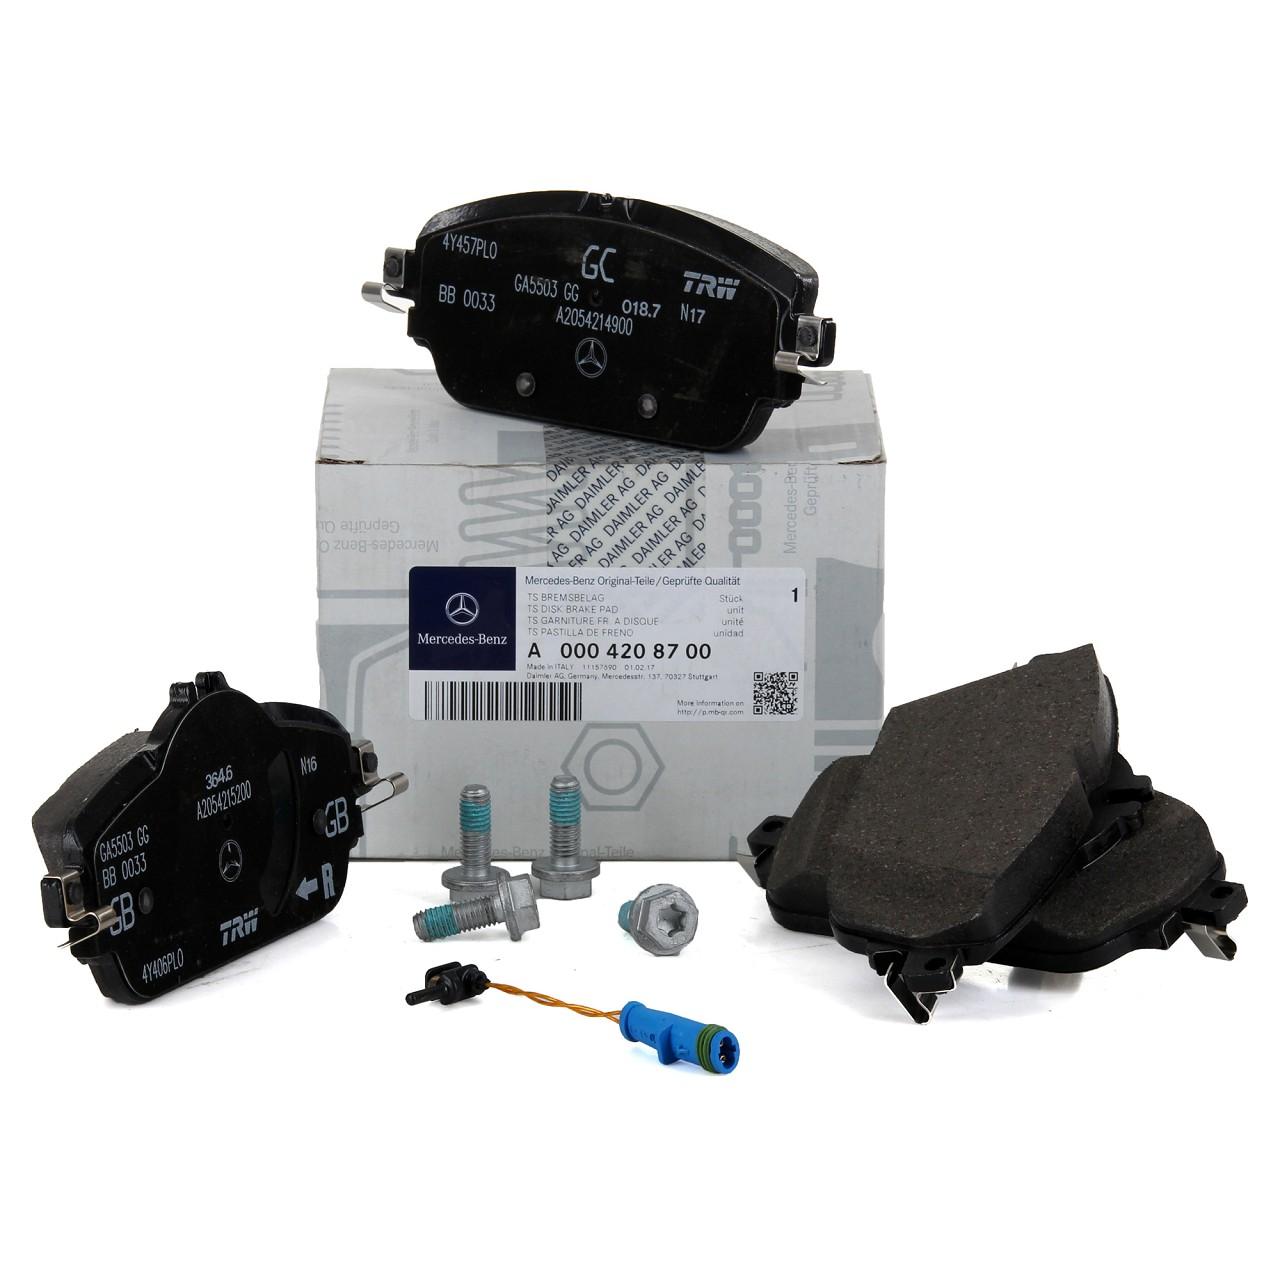 ORIGINAL Mercedes-Benz Bremsbeläge + Warnkontakt W/S205 A/C205 W/S213 vorne